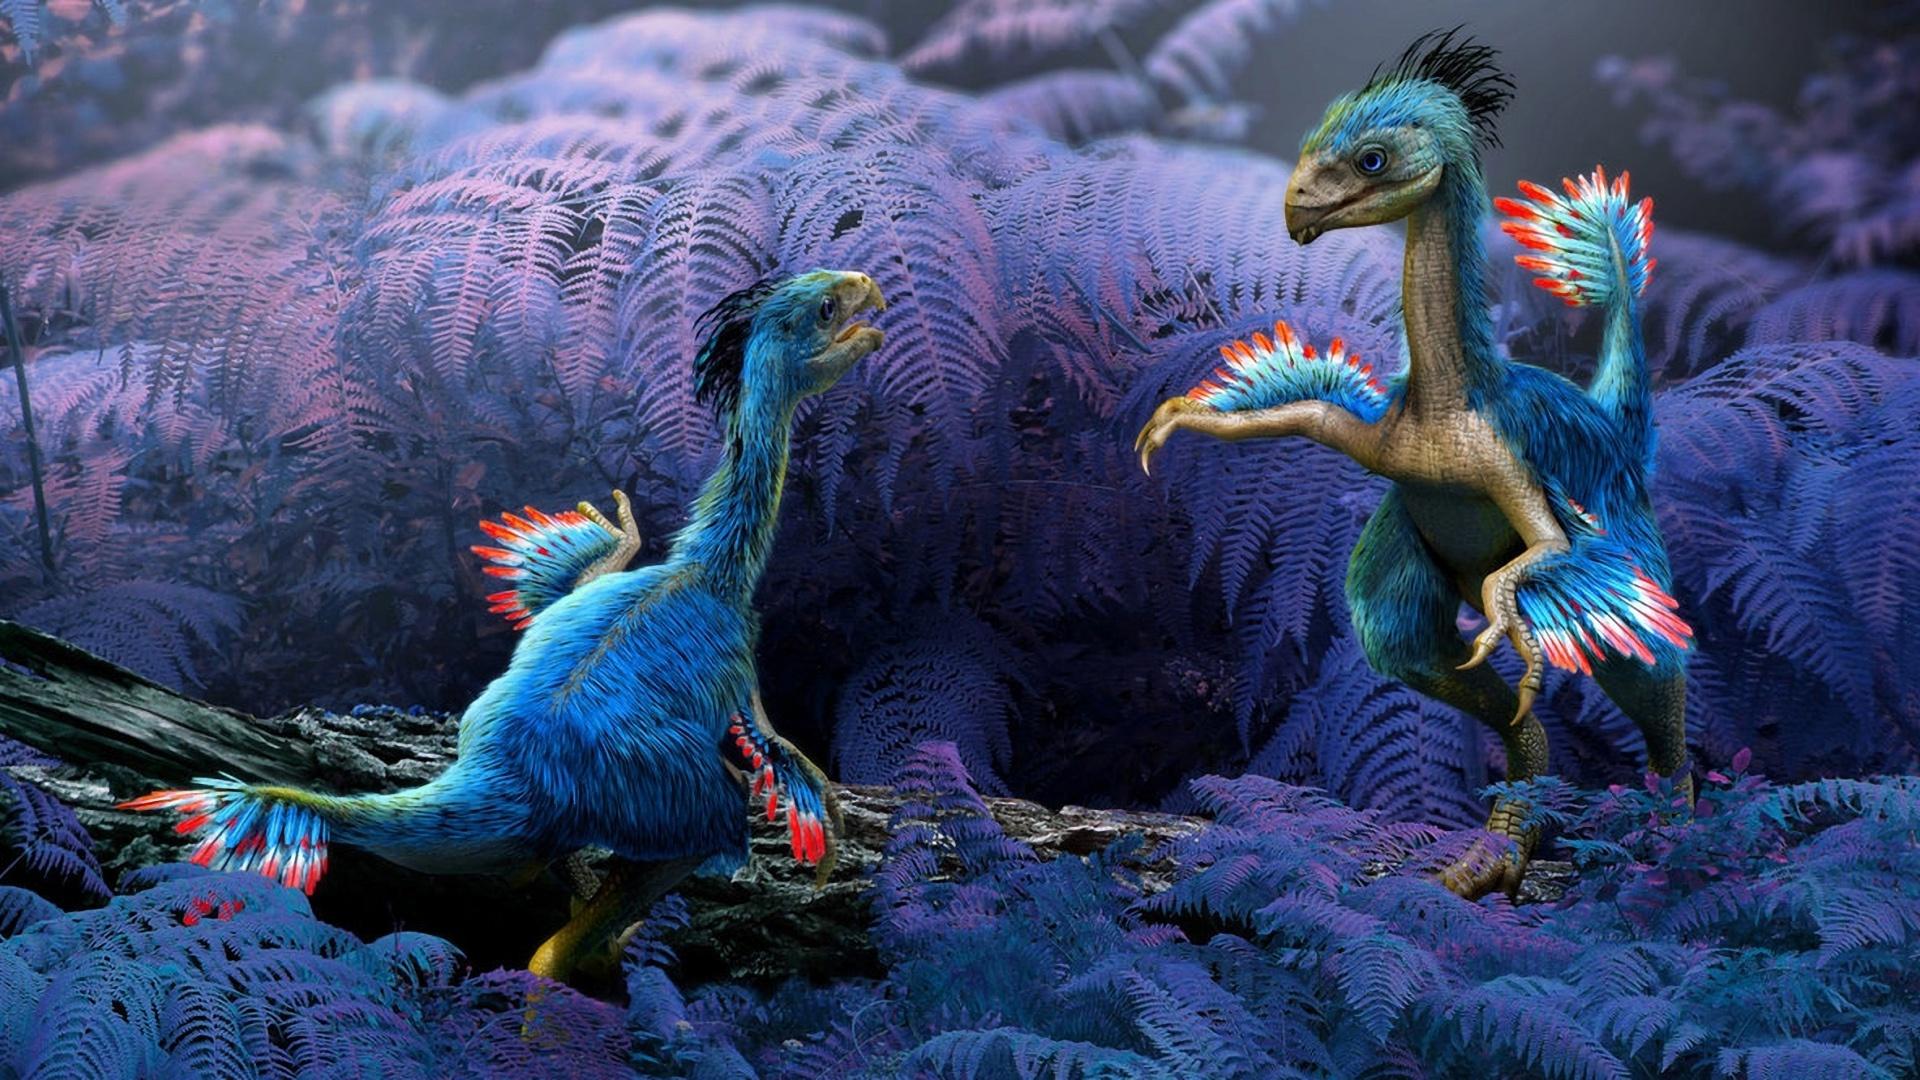 古老的动物,恐龙 壁纸 | 1920x1080 全高清 壁纸下载 ... Dinosaurs